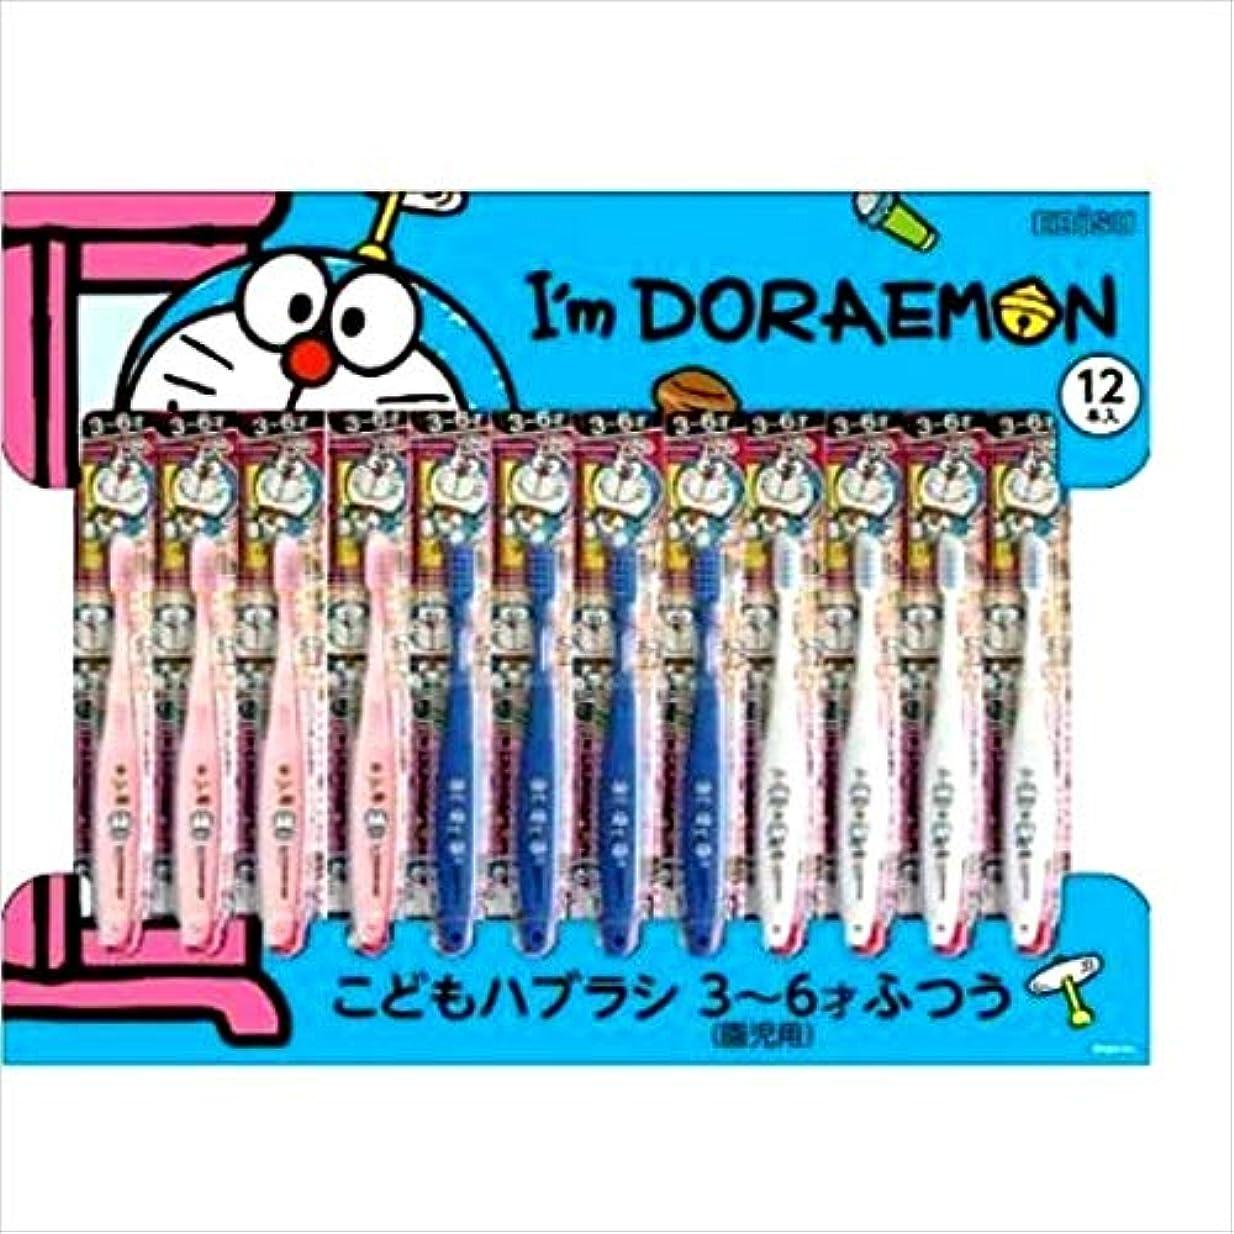 無意識電化する確かなI'M DORAEMON 子供用 歯ブラシ 12本入り